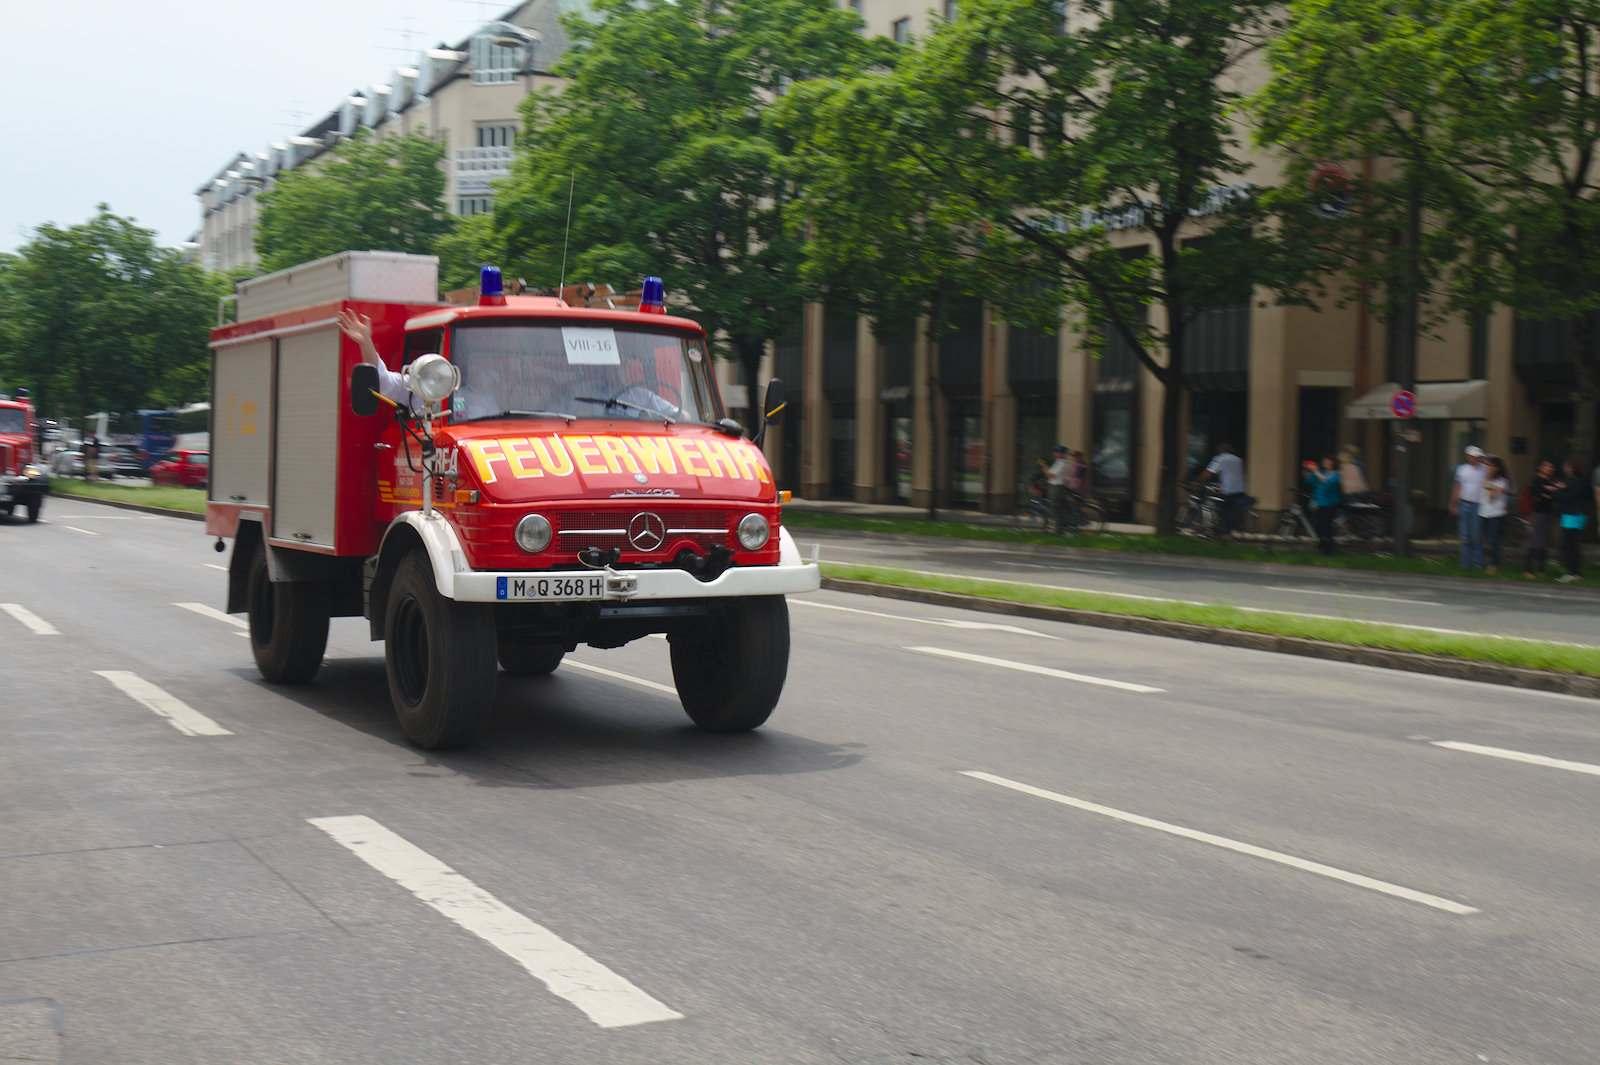 volunteer fire department10 150 Years Volunteer Fire Department in Munich